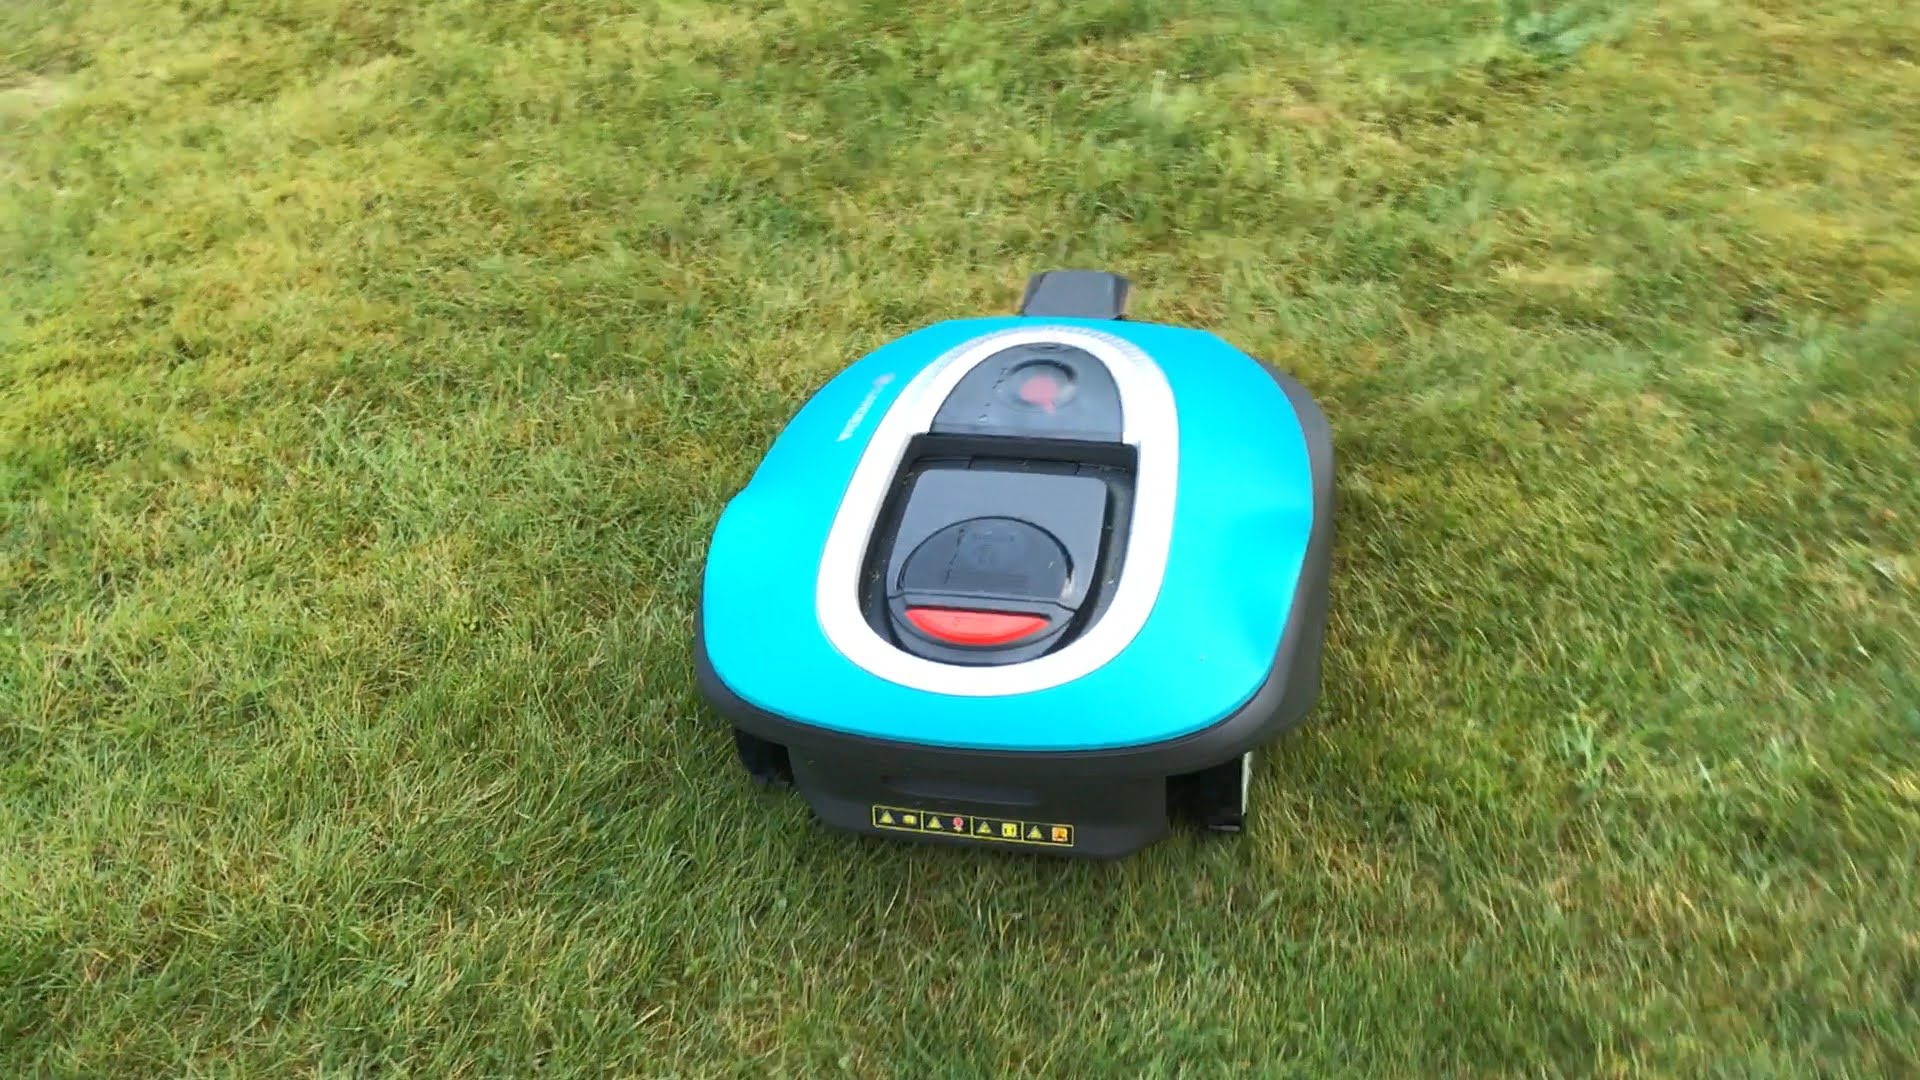 Storslåede Robotplæneklipper – kom i gang med græsklipning på autopilot UT46